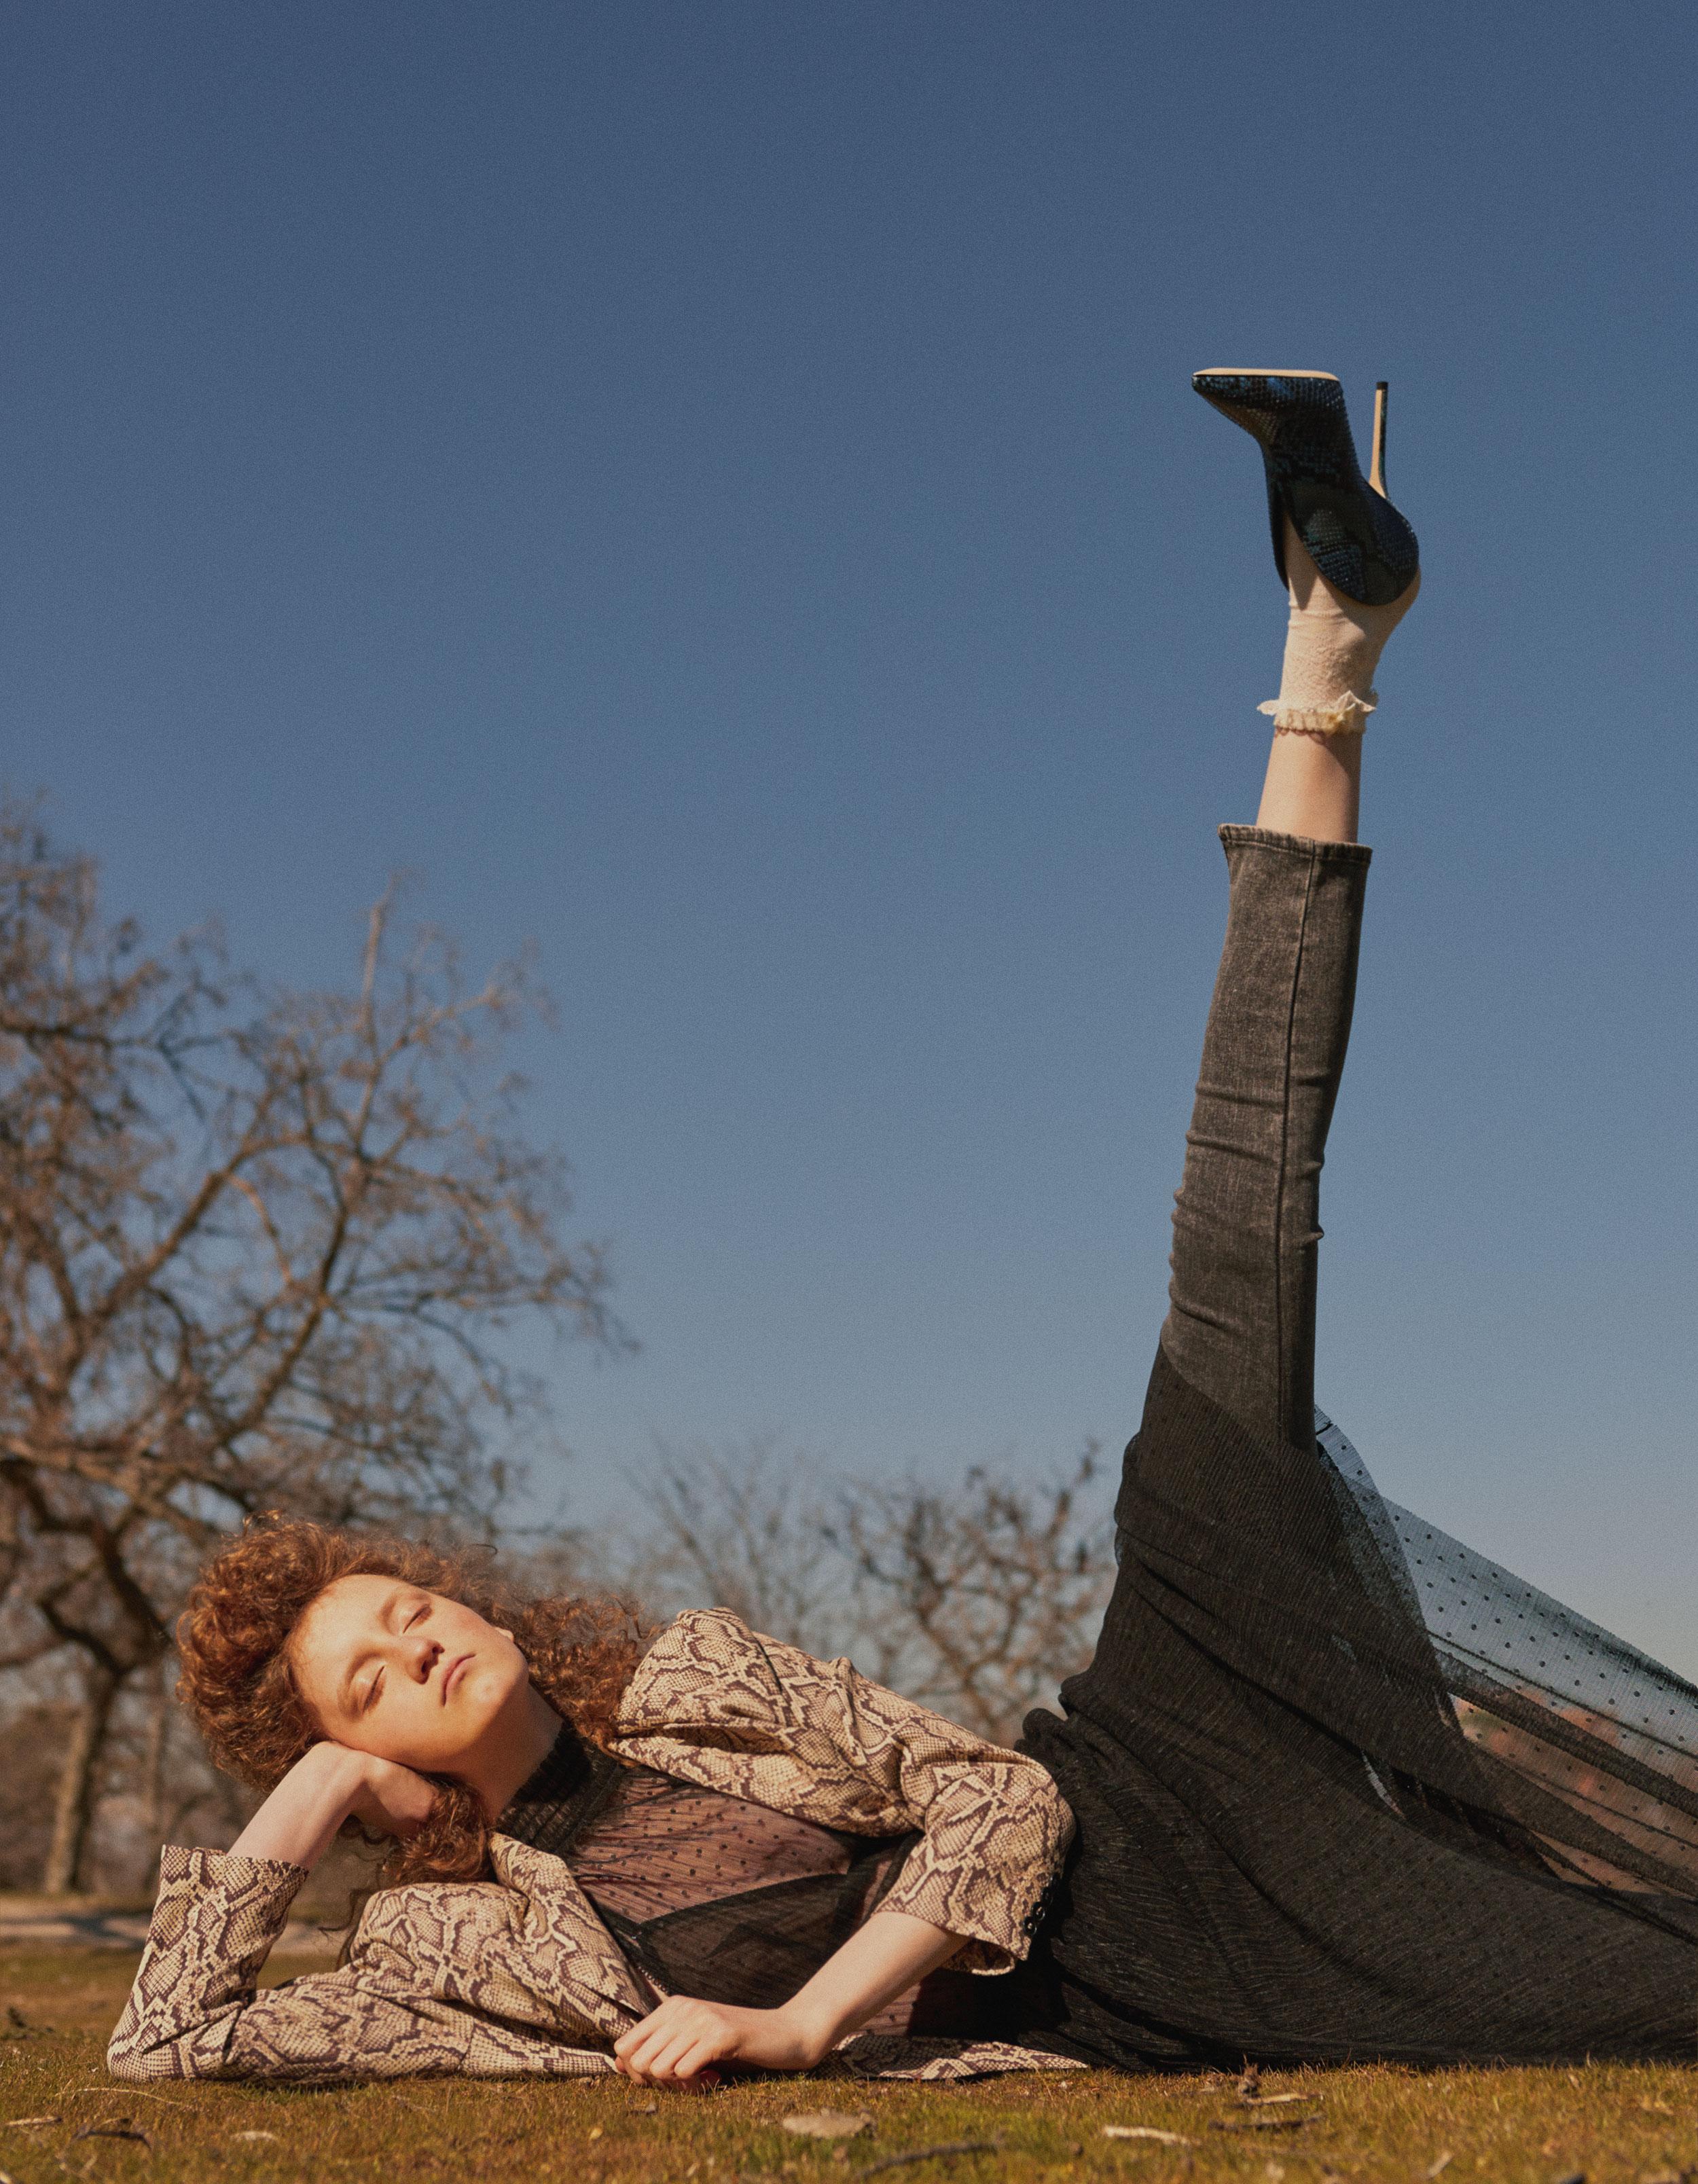 Chaqueta de  THE KOOPLES , vestido de  GUESS , brassiere de  ERES , pantalón de  LEVI'S , zapatos de  JIMMY CHOO  y anillo de  ELENA ESTAÚN.